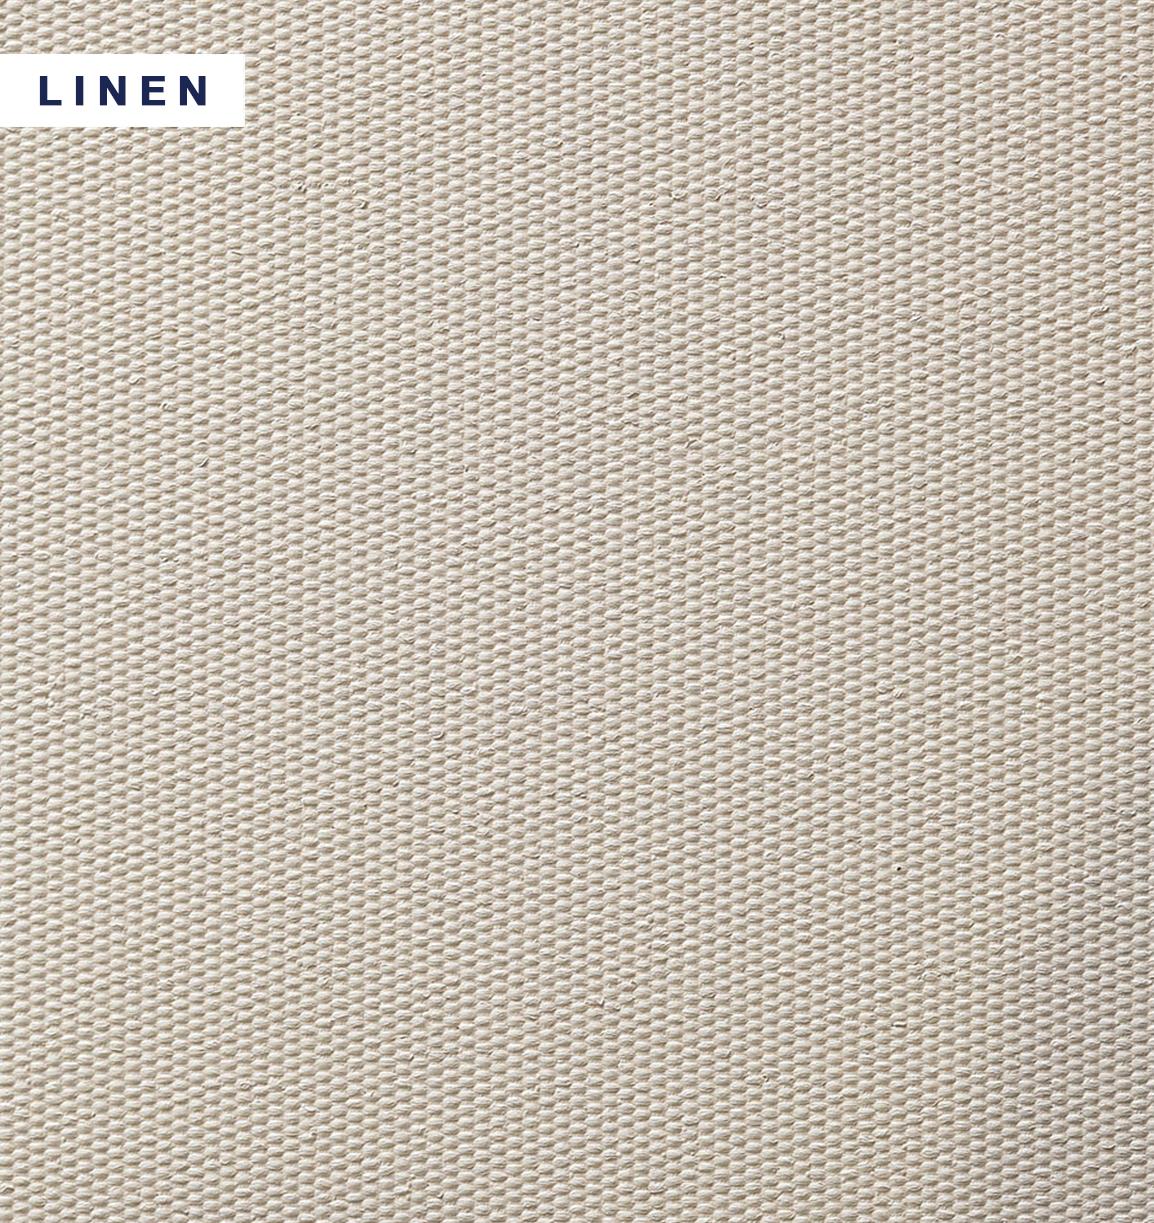 VIBE - Linen.jpg